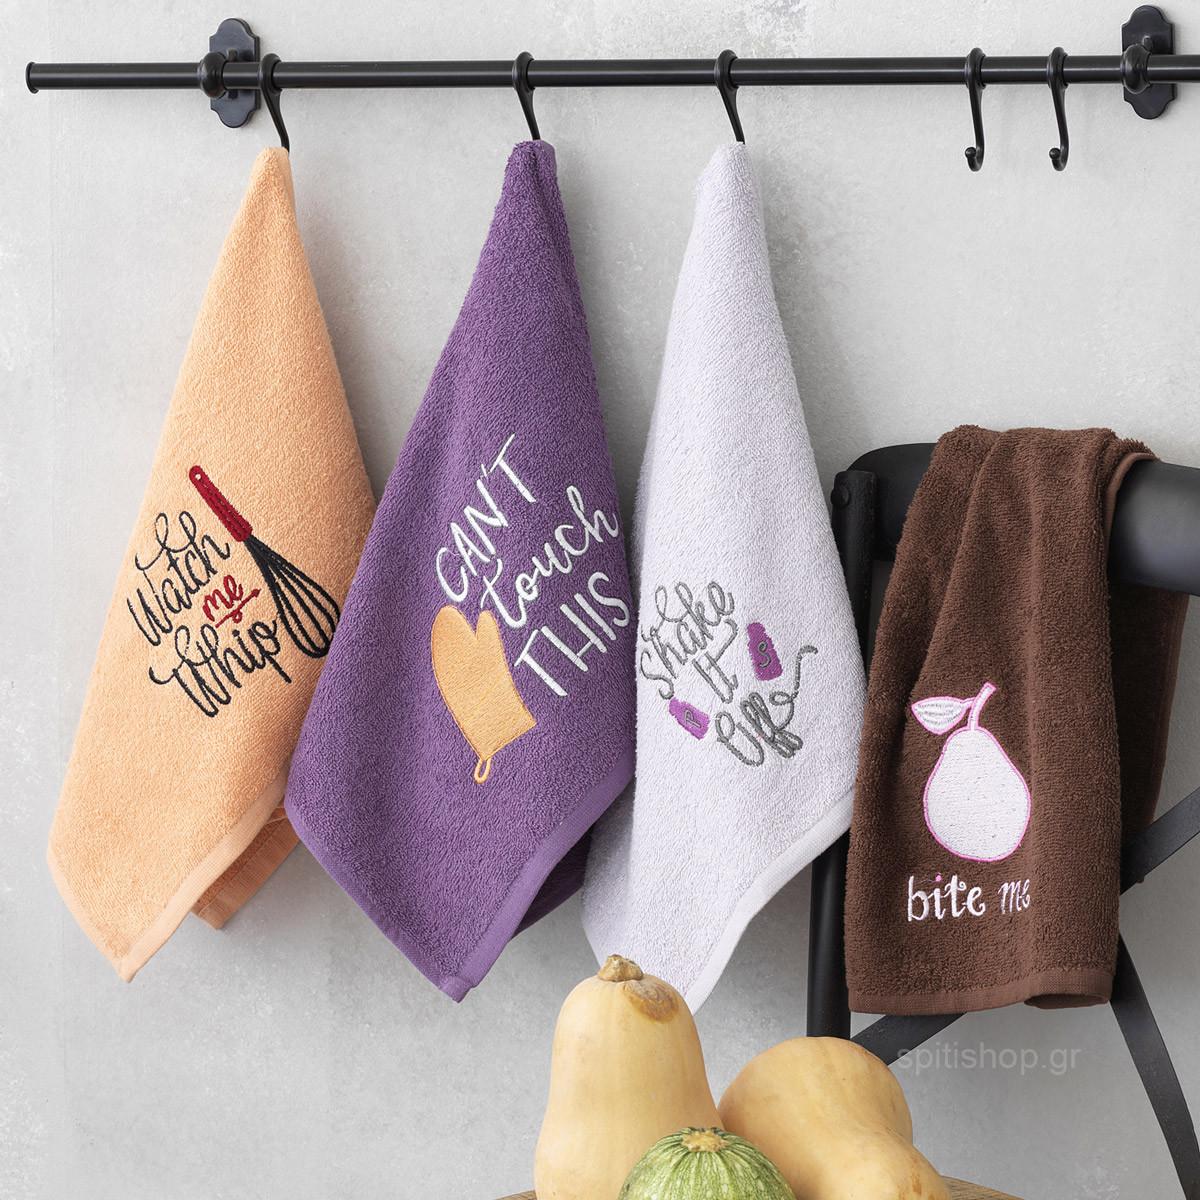 Πετσέτες Κουζίνας (Σετ 4τμχ) Palamaiki KT080